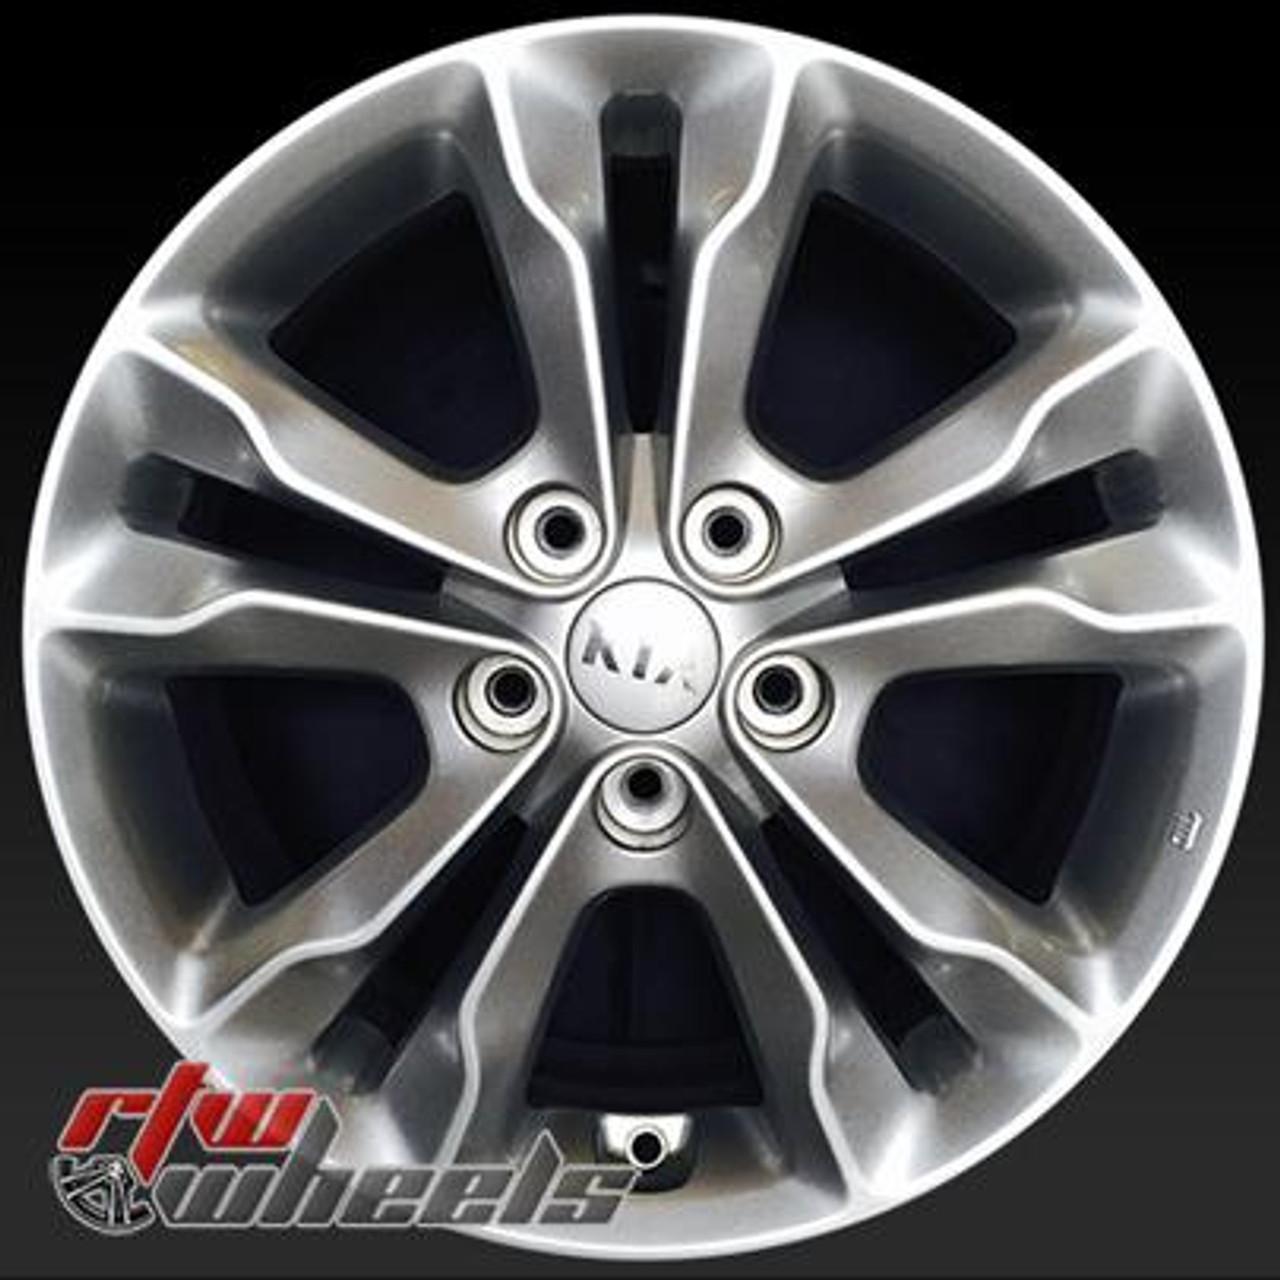 """2013 Kia Optima Sx For Sale: 17"""" Kia Optima Wheels For Sale 2011-2013 Silver Rims 74638"""